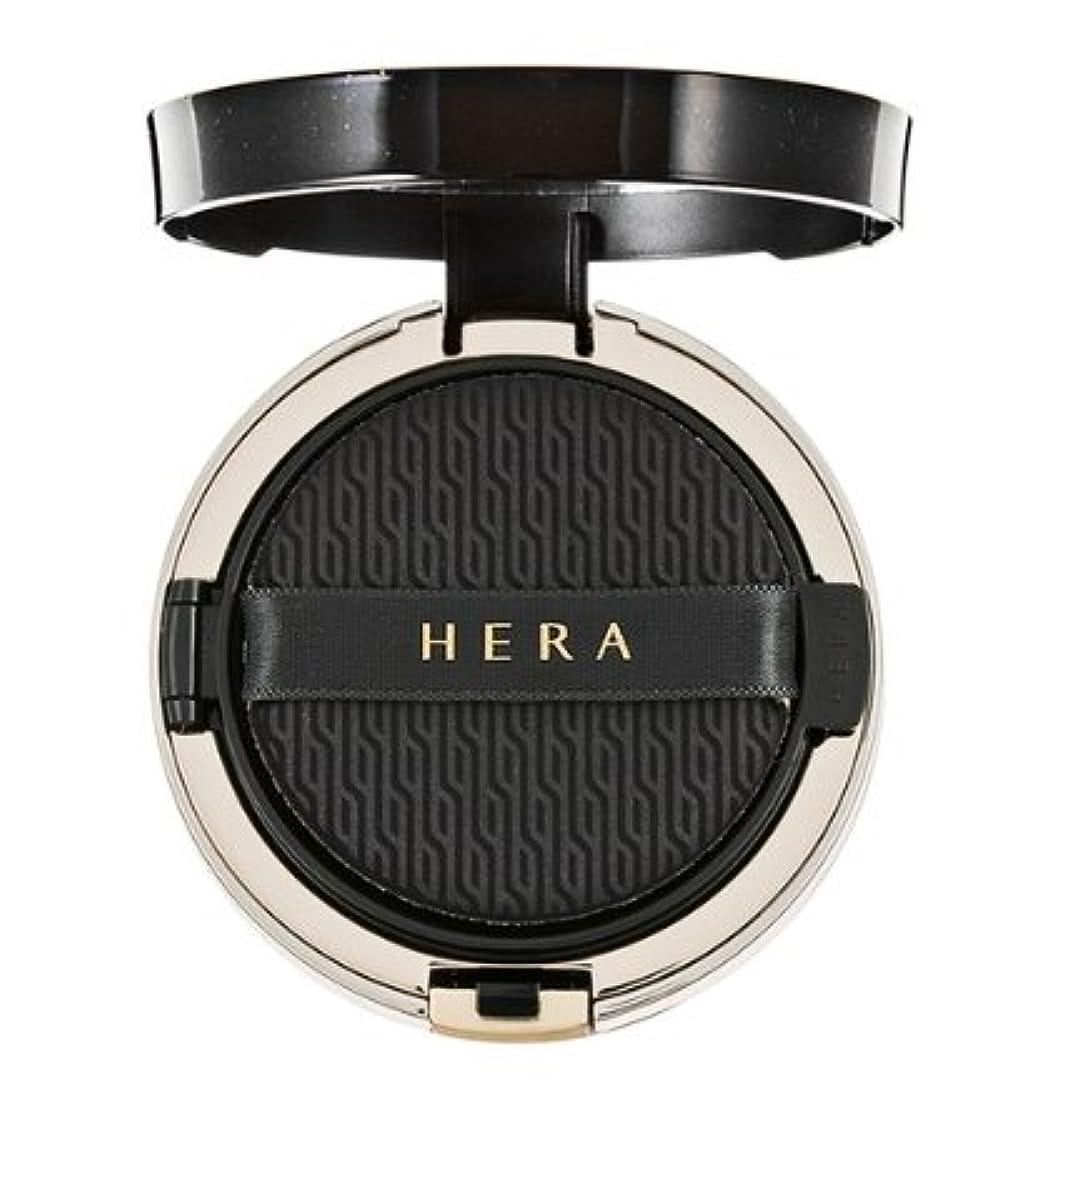 宿命ウェーハ繊細(ヘラ) Hera ブラッククッション SPF34/PA++ 本品15g+リフィール15g / Black Cushion SPF34/PA++ 15g+Refil15g (No.21 banila) (韓国直発送) shumaman